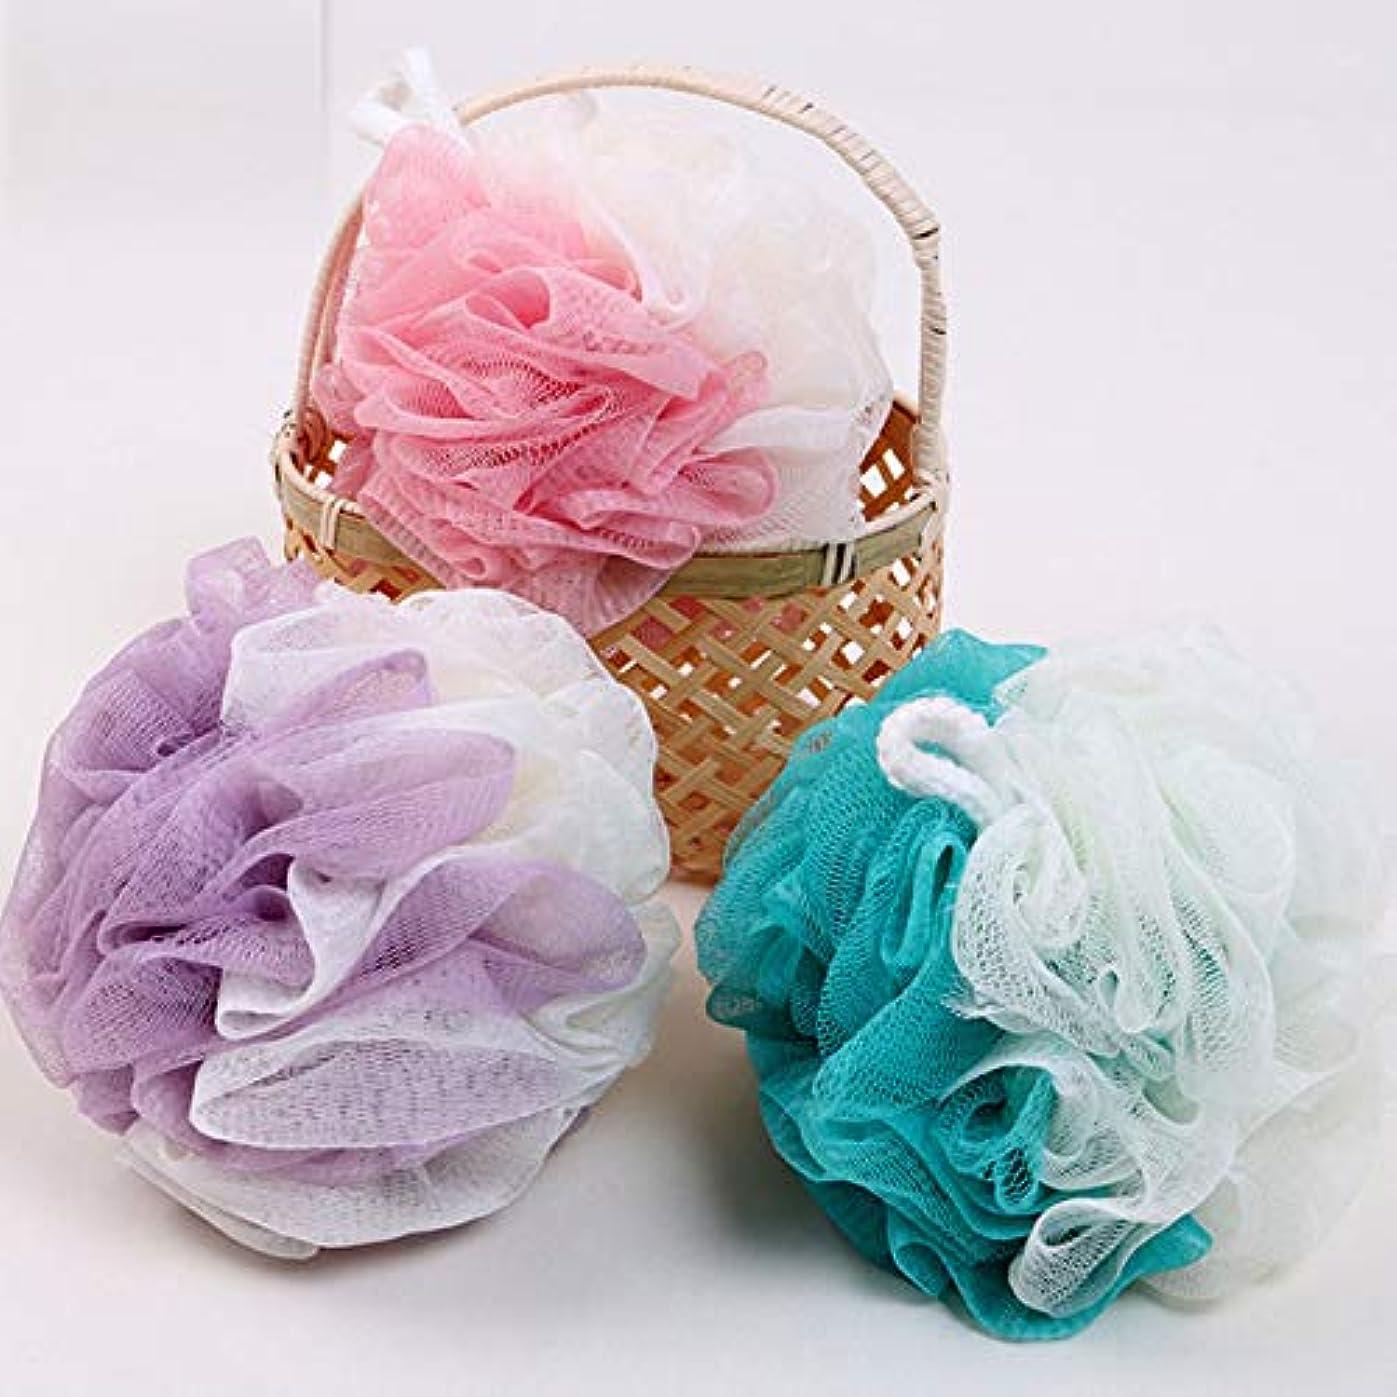 かみそりアボートオーストラリアボディウォッシュボール 泡立てネット スポンジ フラワーボール 超柔軟 シャワー用 風呂 浴室 3 個入 (3 個入, Pink + Purple + Blue)